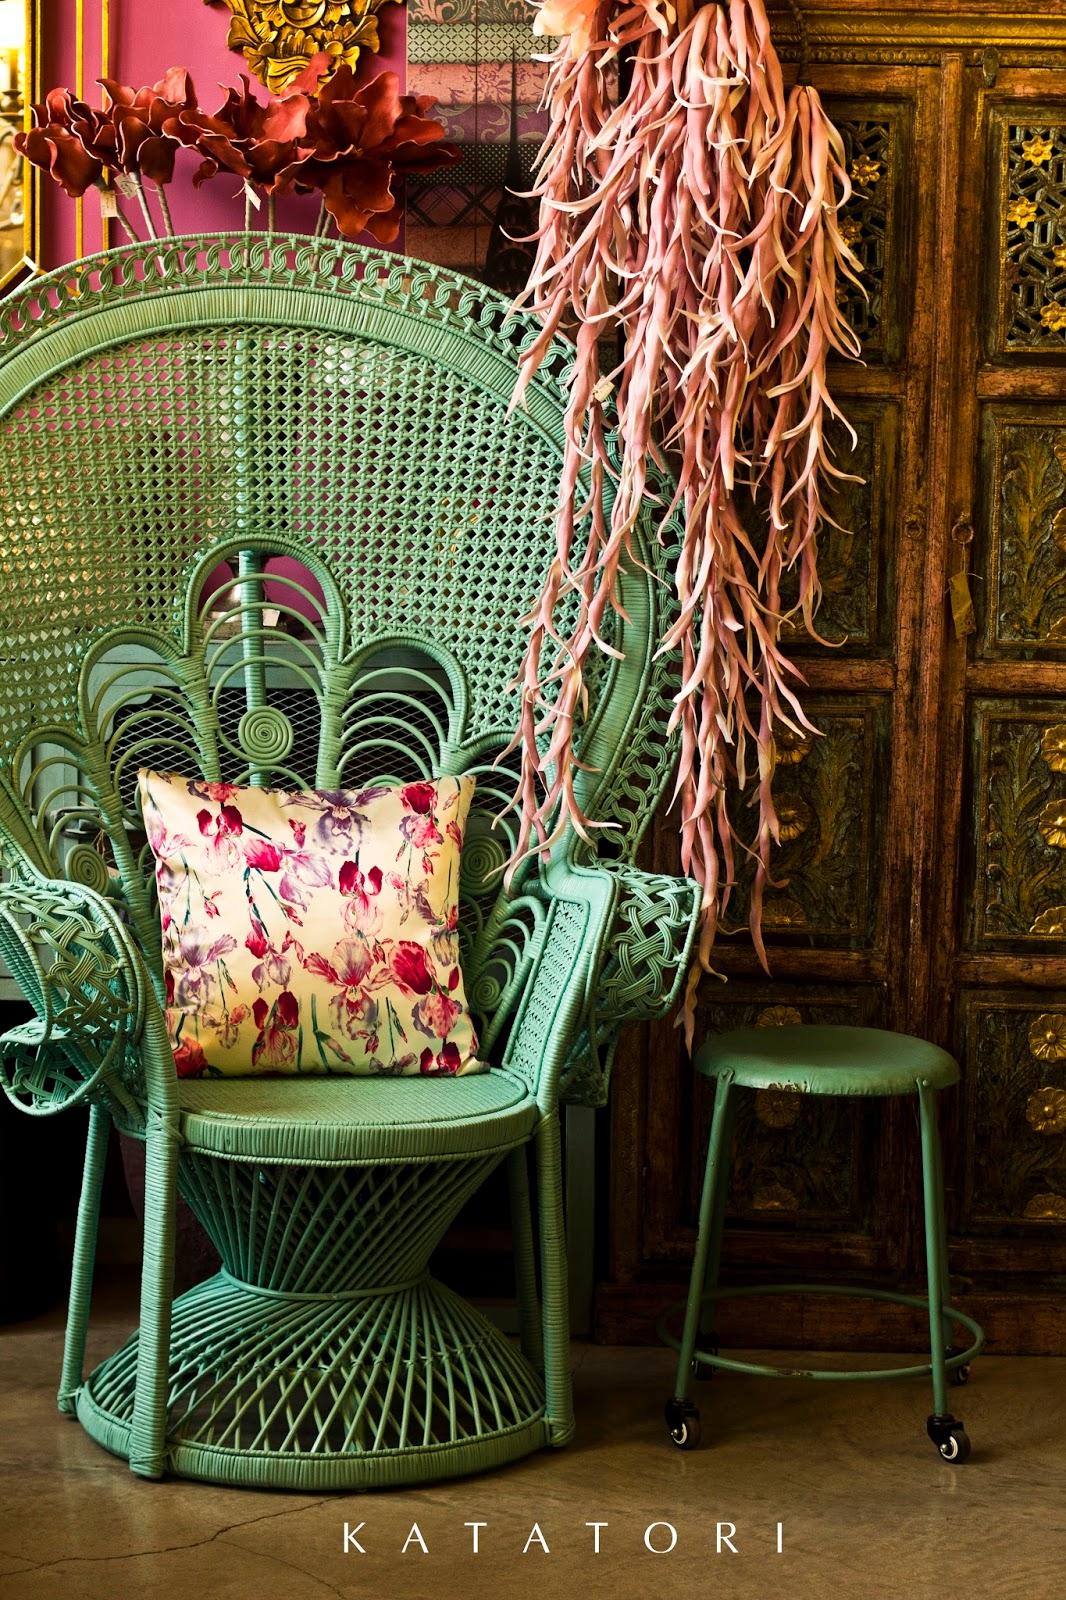 Katatori interiores el color de los viernes for Muebles poligono el manchon